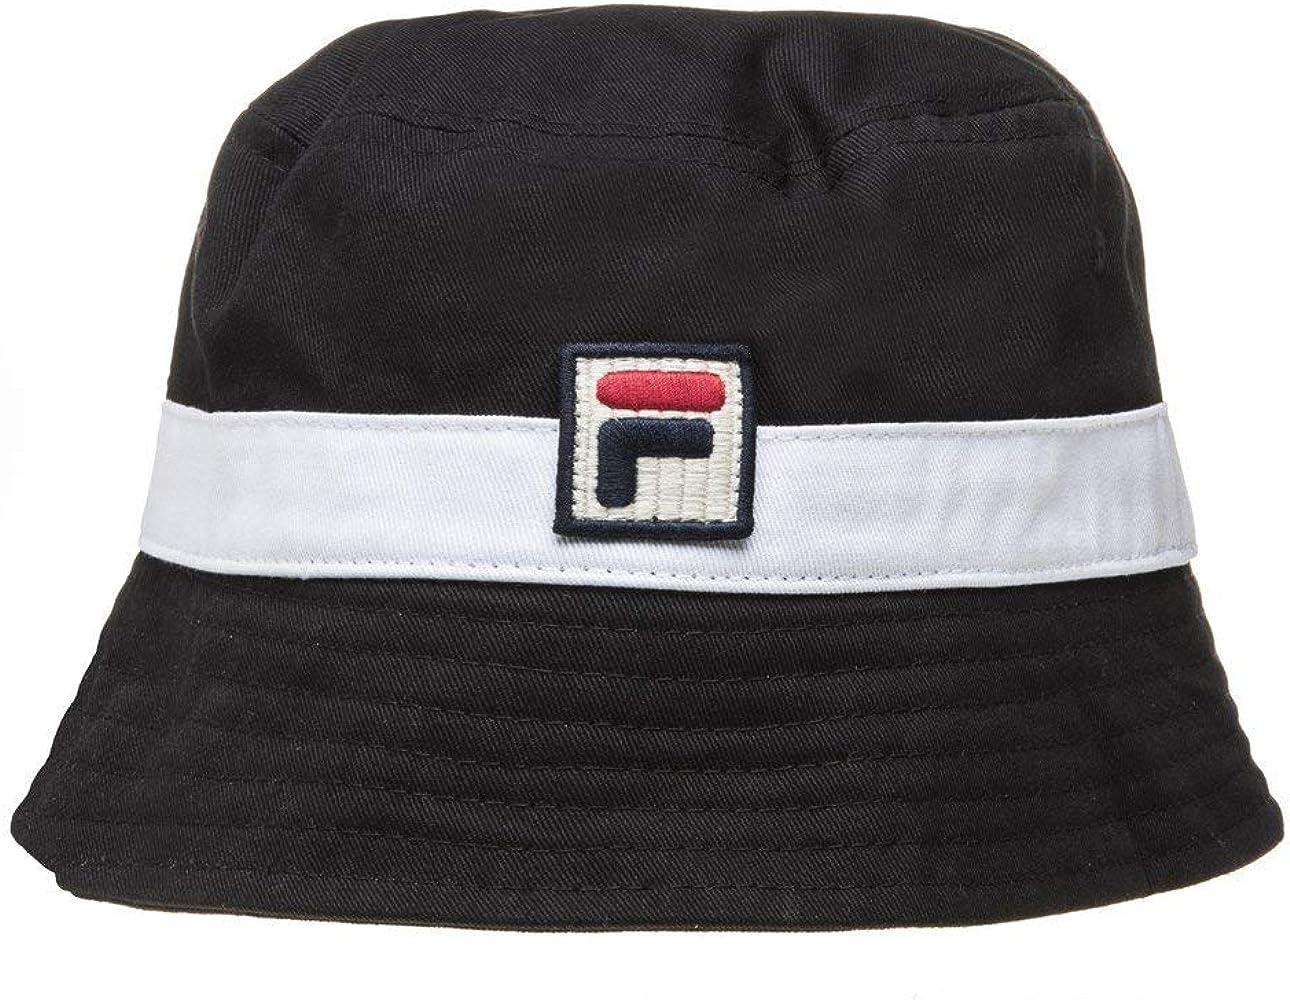 Fila Basil Hombre Bucket Hat Negro: Amazon.es: Ropa y accesorios